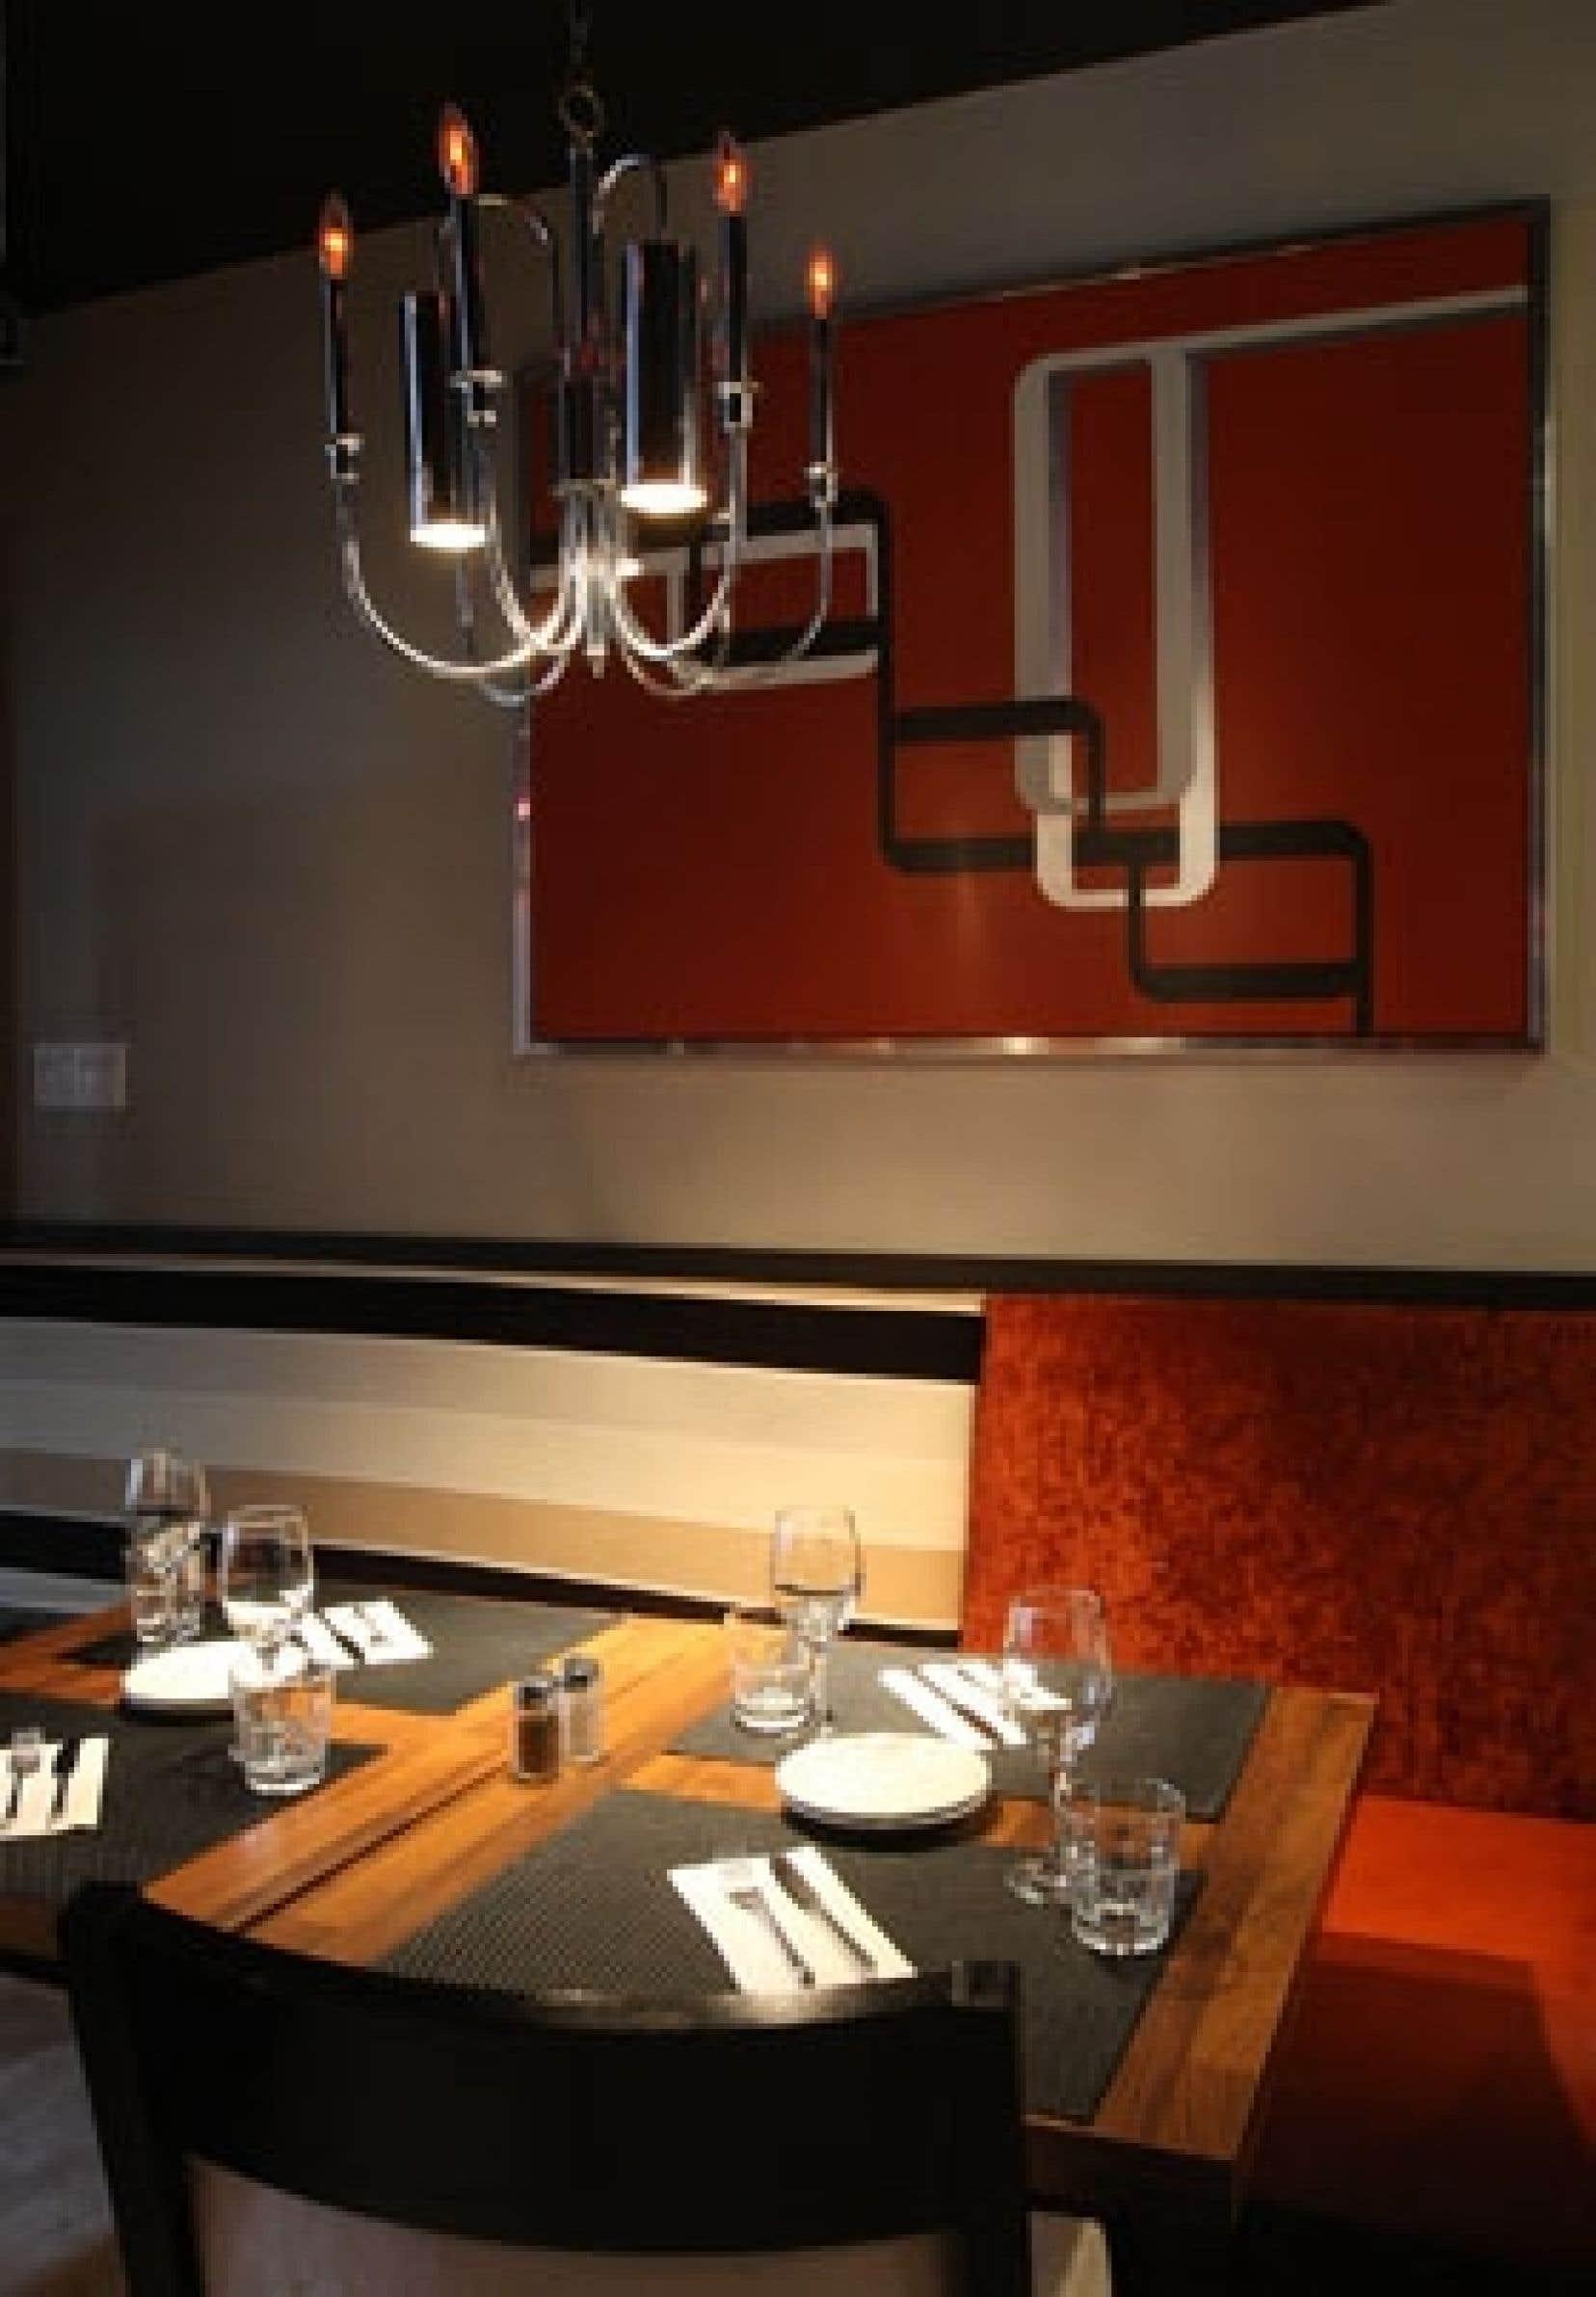 Au bistro-boutique La Cantine, le menu se veut un clin d'oeil aux plats familiaux.